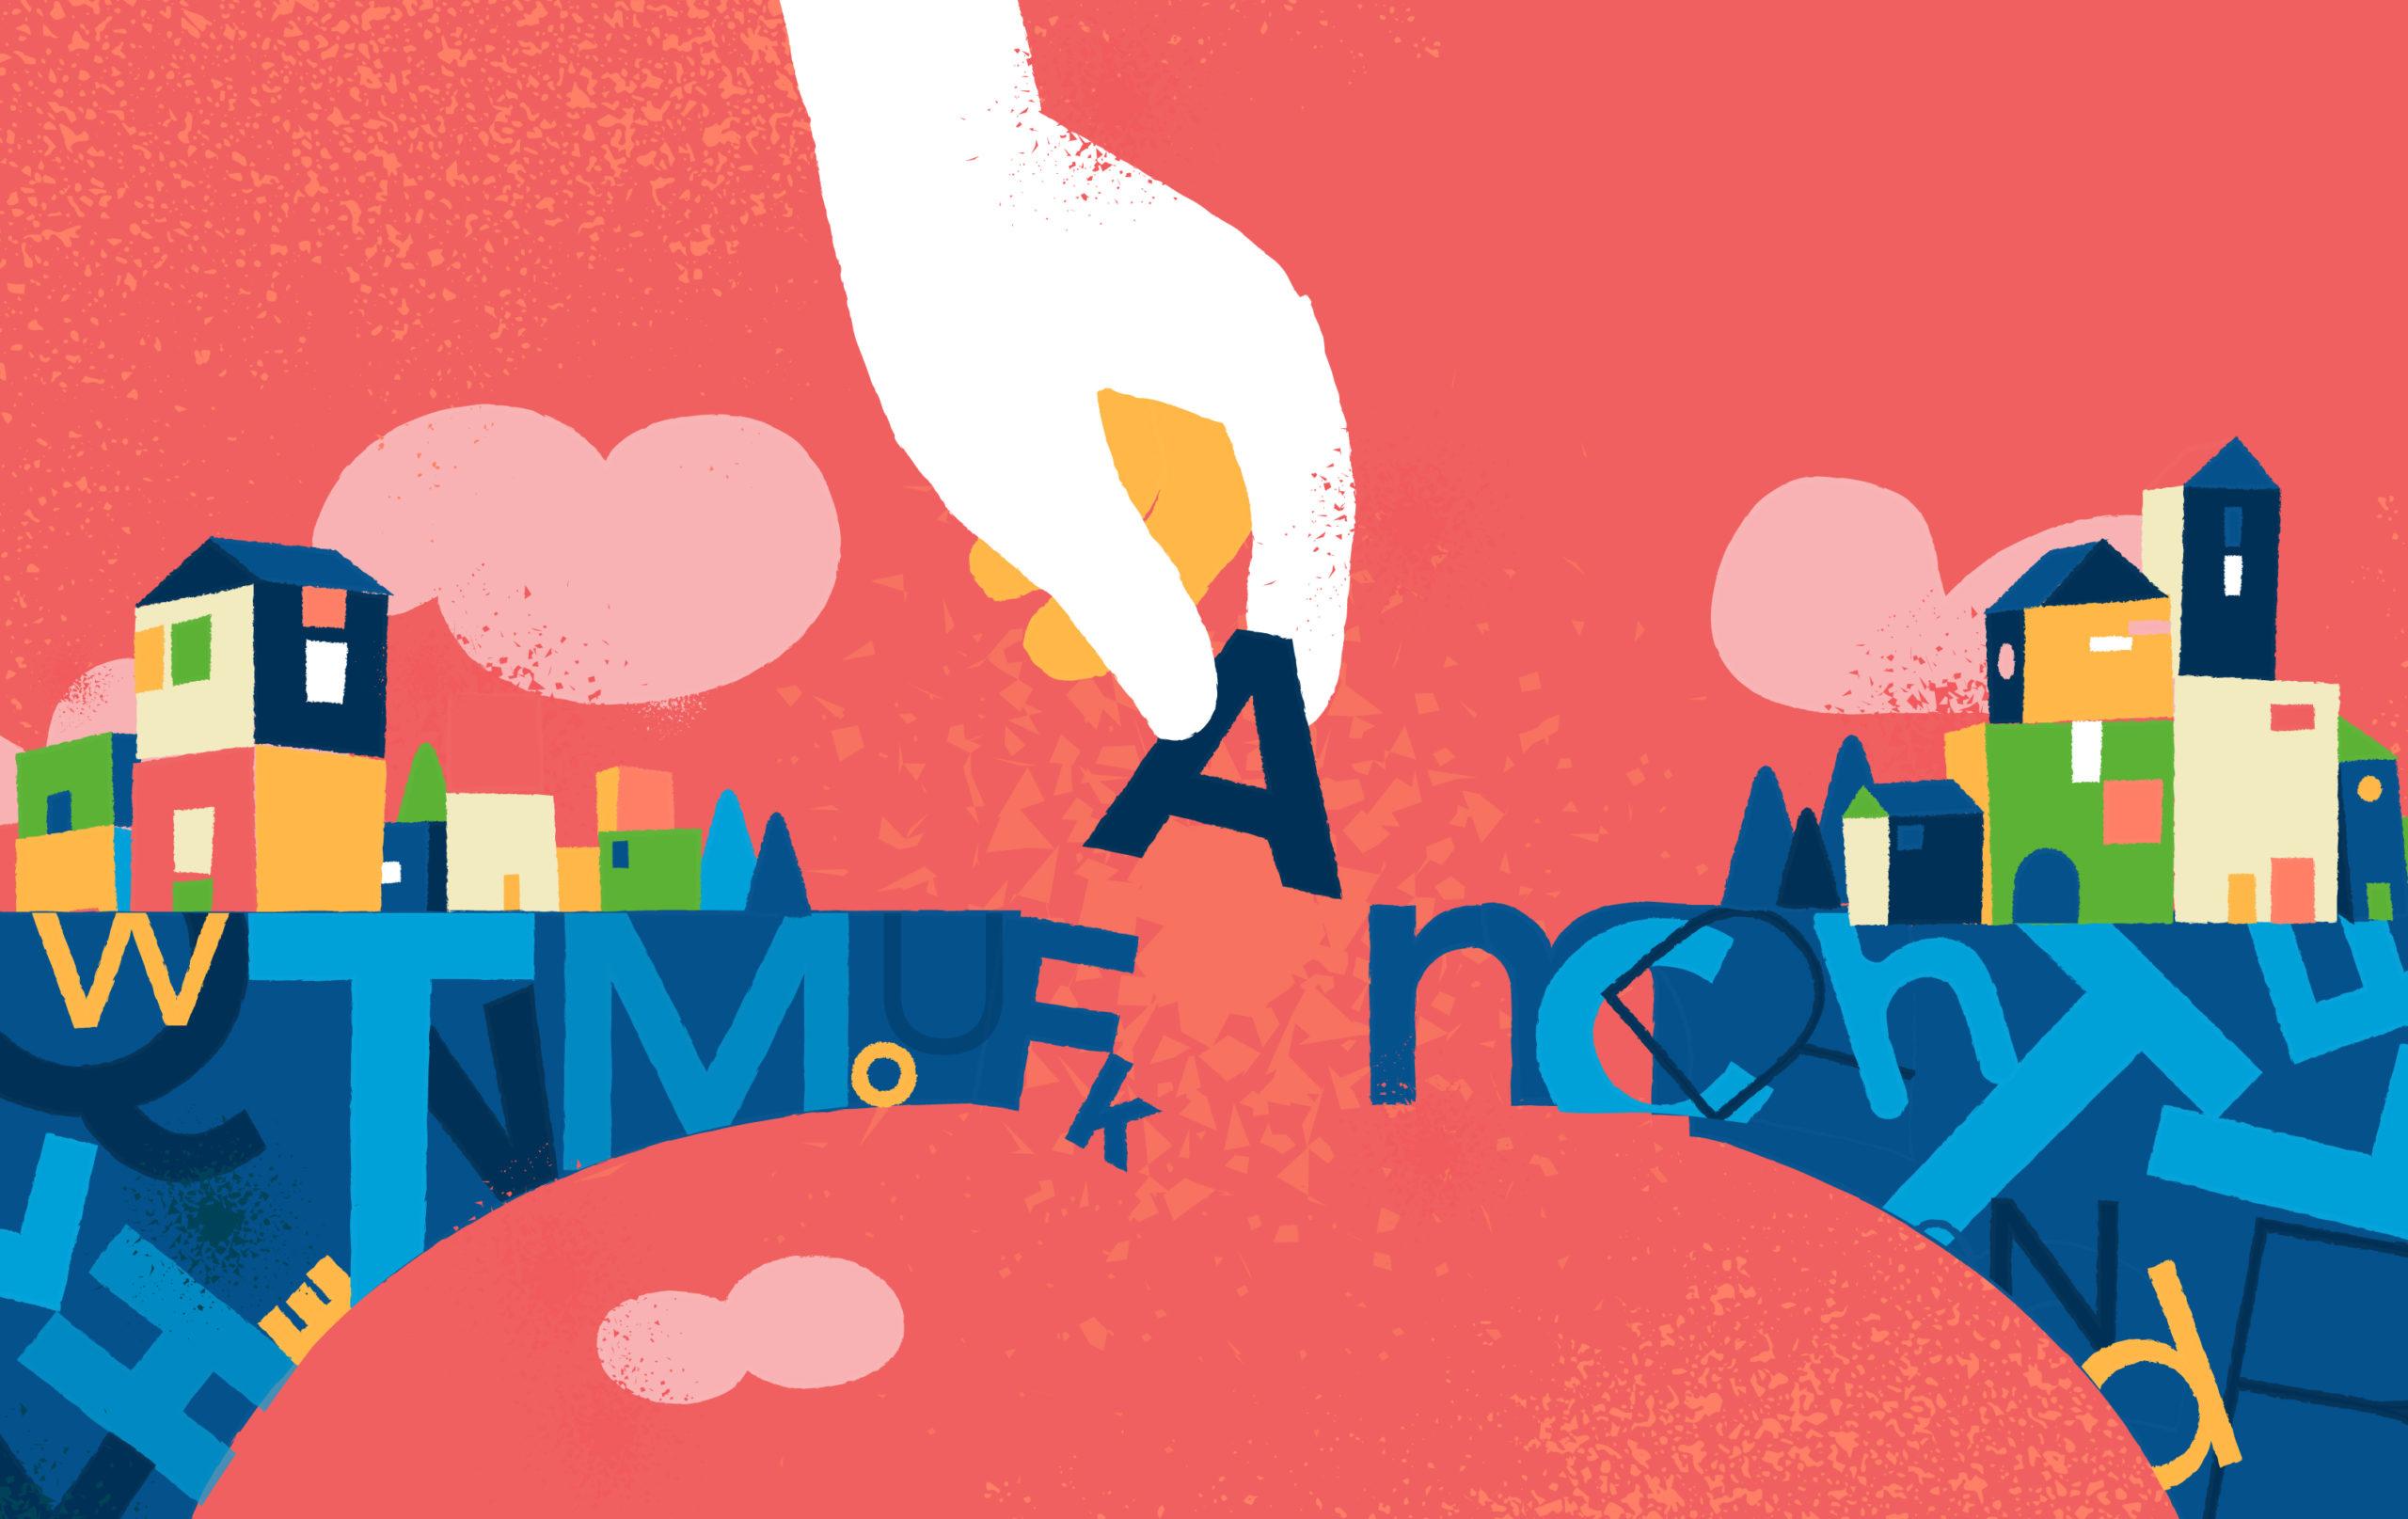 Die externe Unternehmenskommunikation - So schaffen Sie Brücken 10